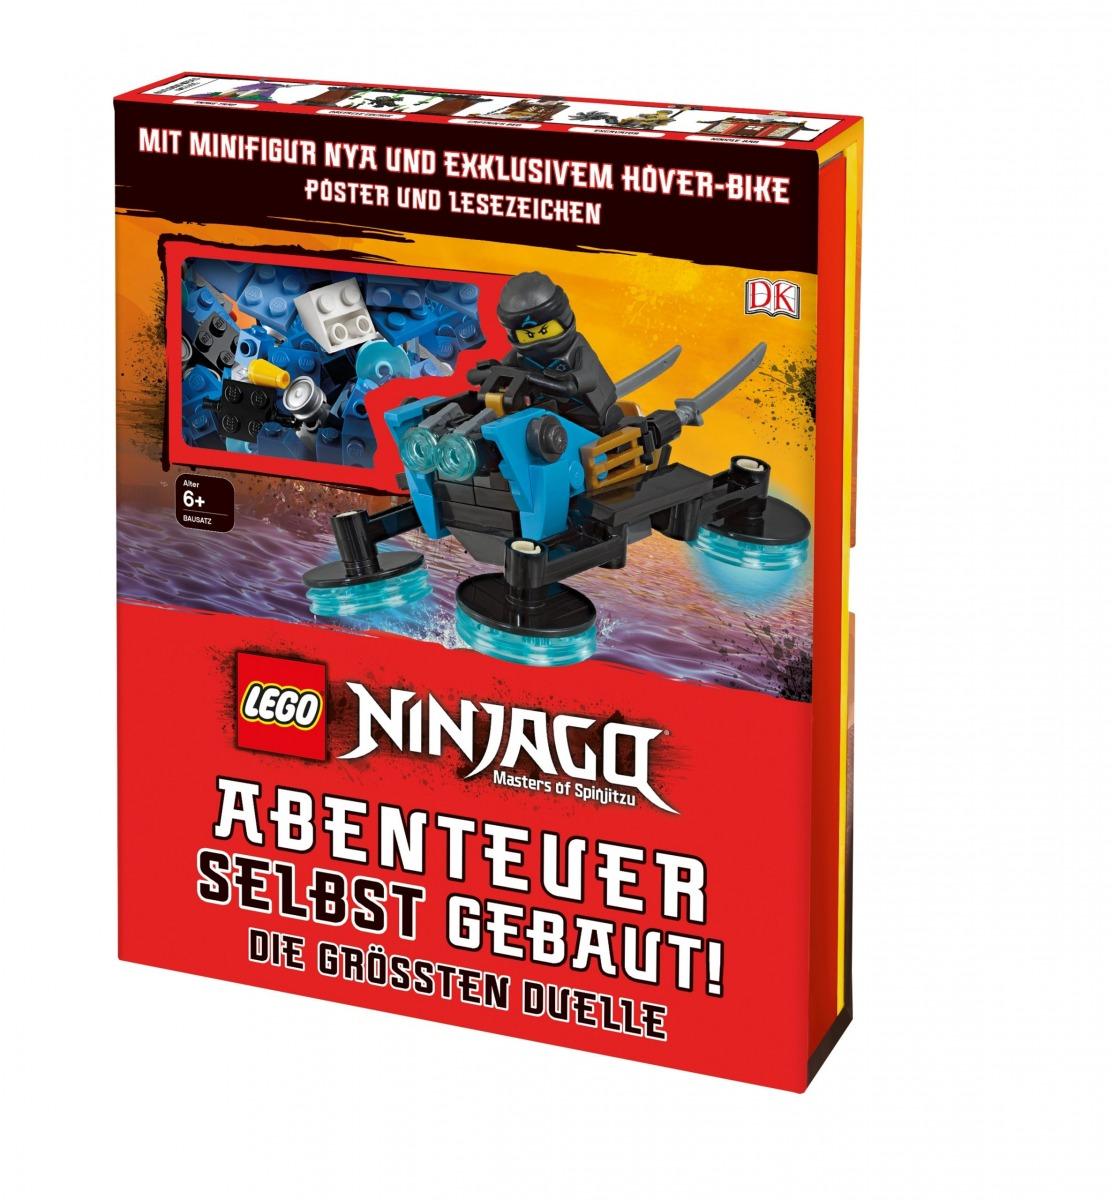 lego 5005671 ninjago abenteuer selbst gebaut die grosten duelle scaled